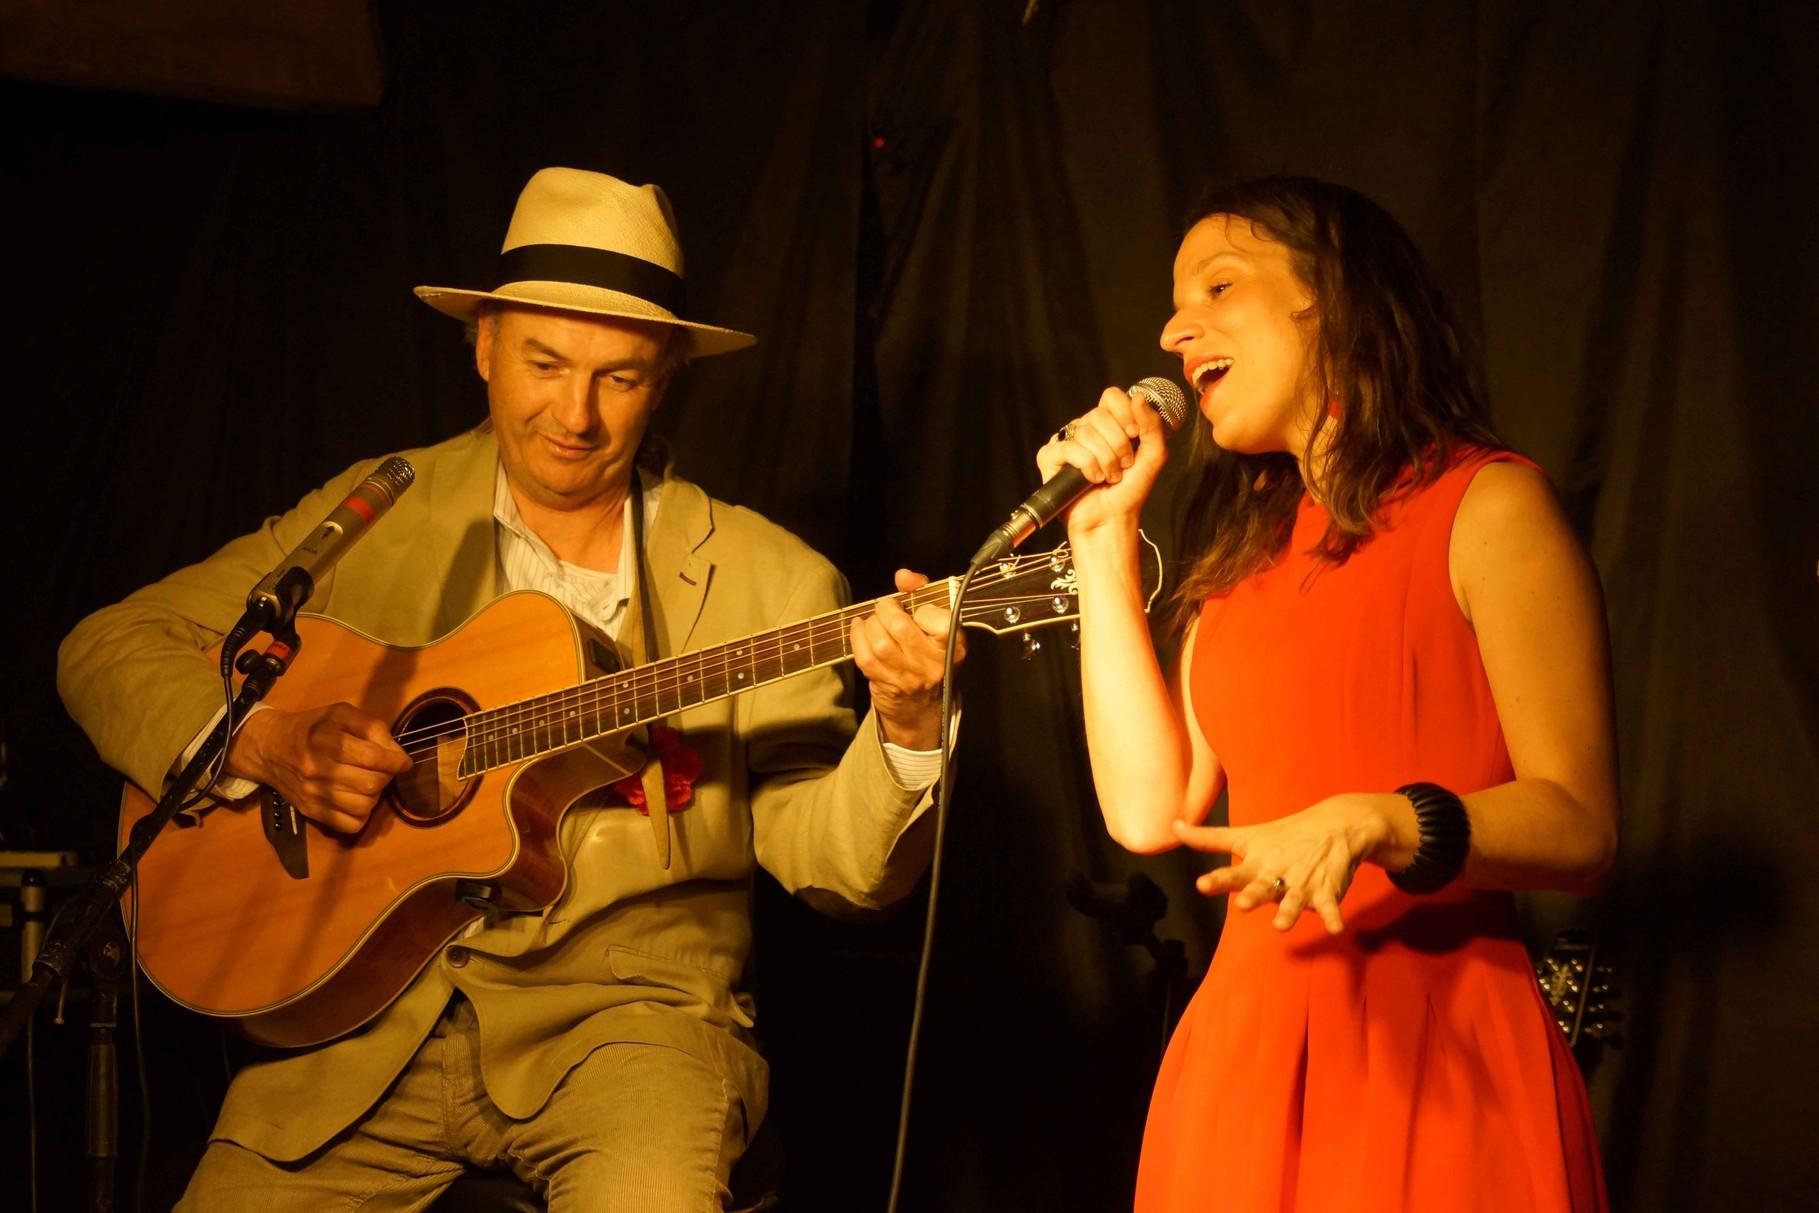 Abalip et Clarisse Lavanant, Le Temps des Cerises à Tonquédec 06.06.2014